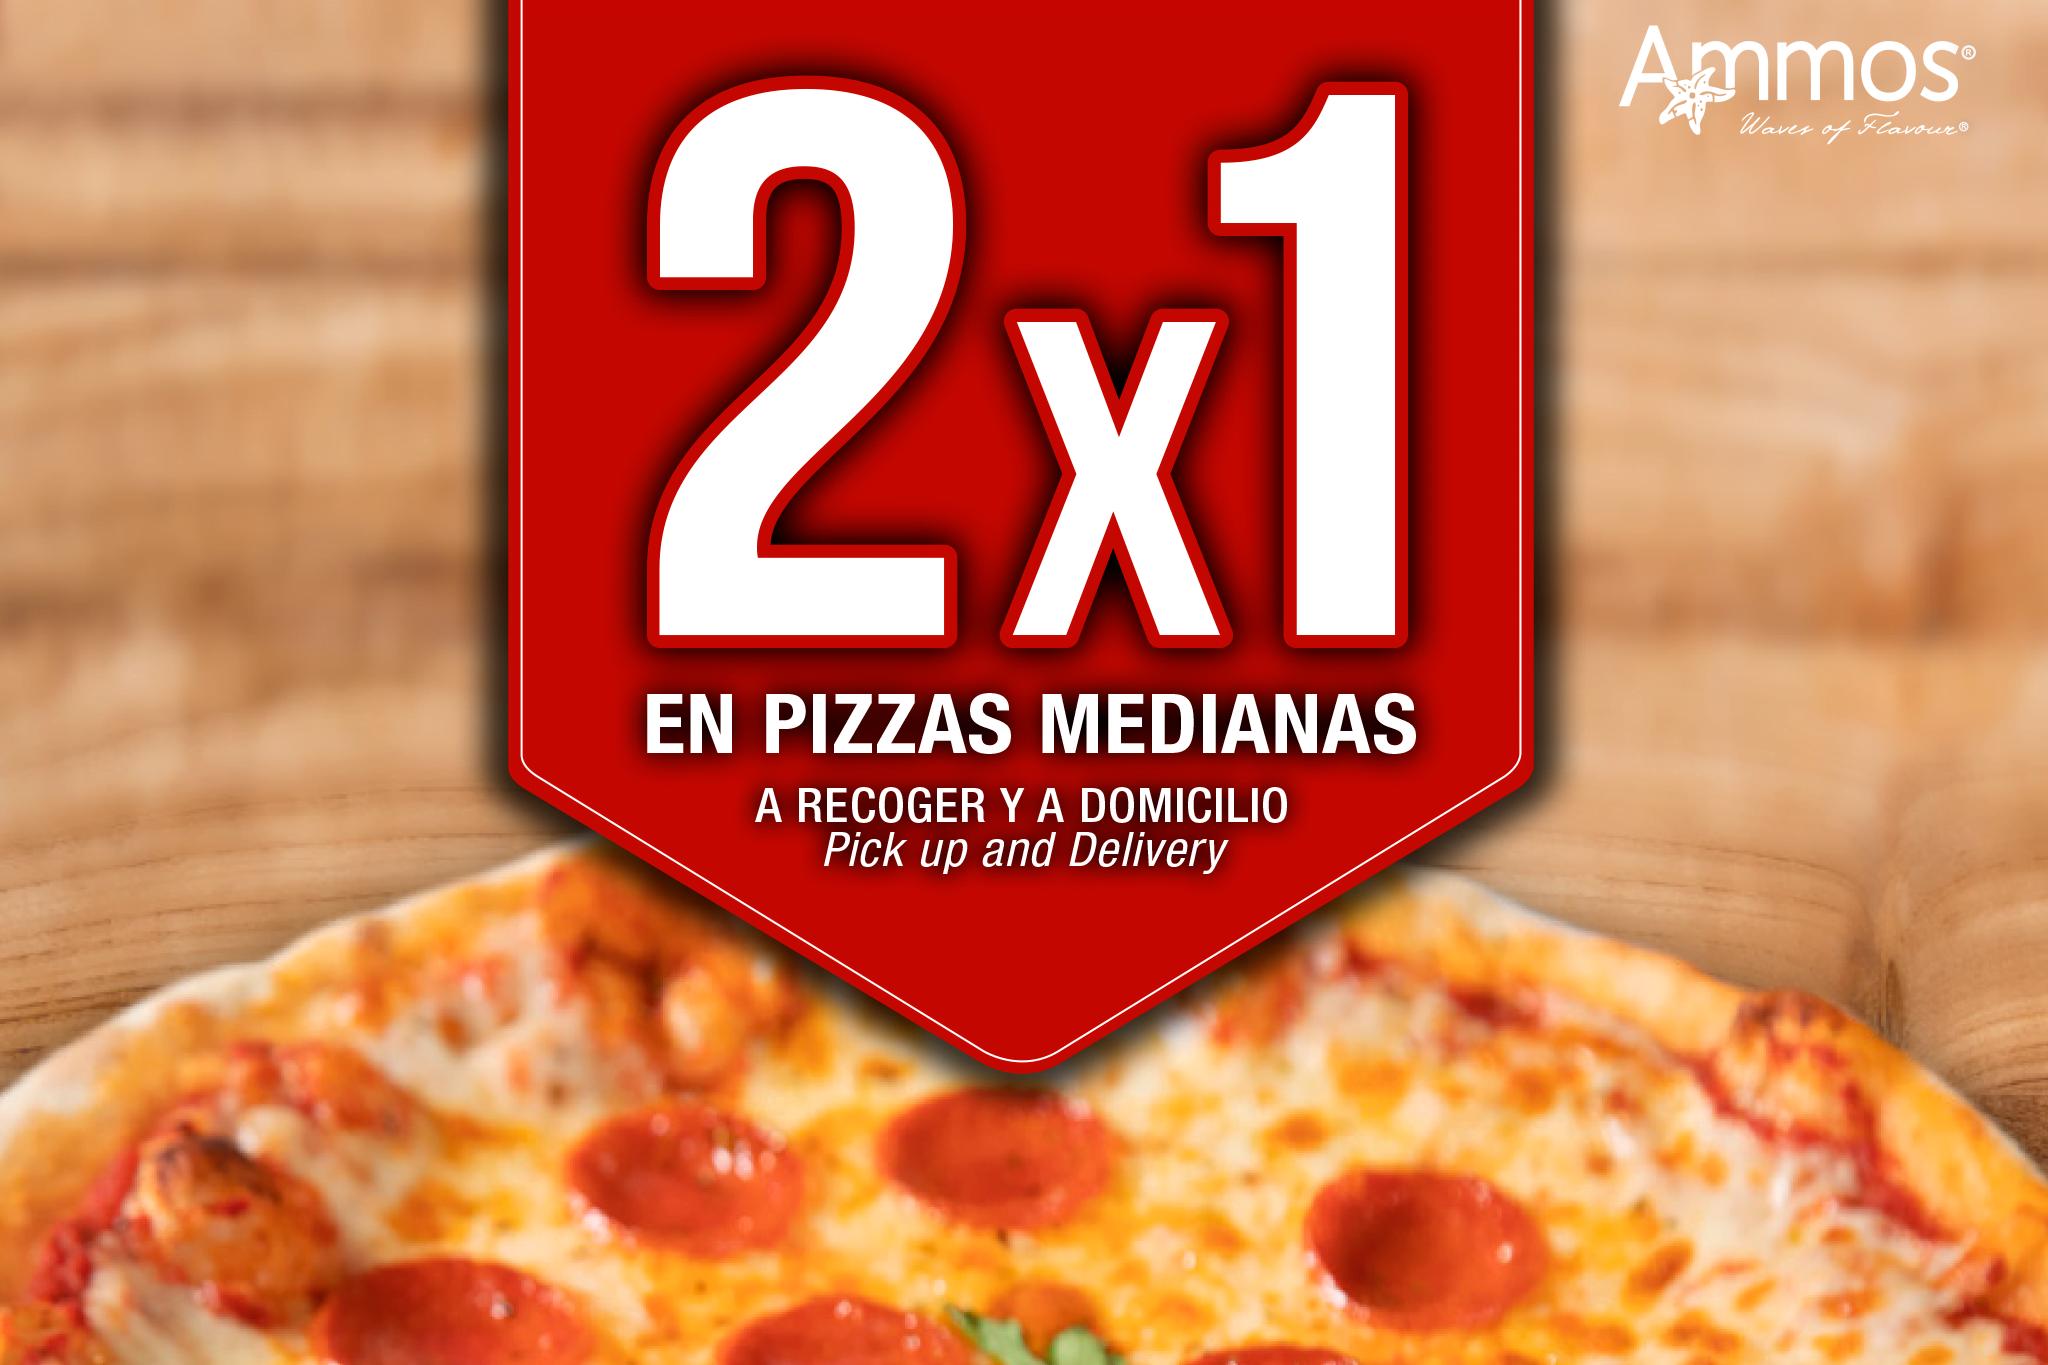 Pizzas con oferta 2×1 en Jávea – Restaurante Ammos